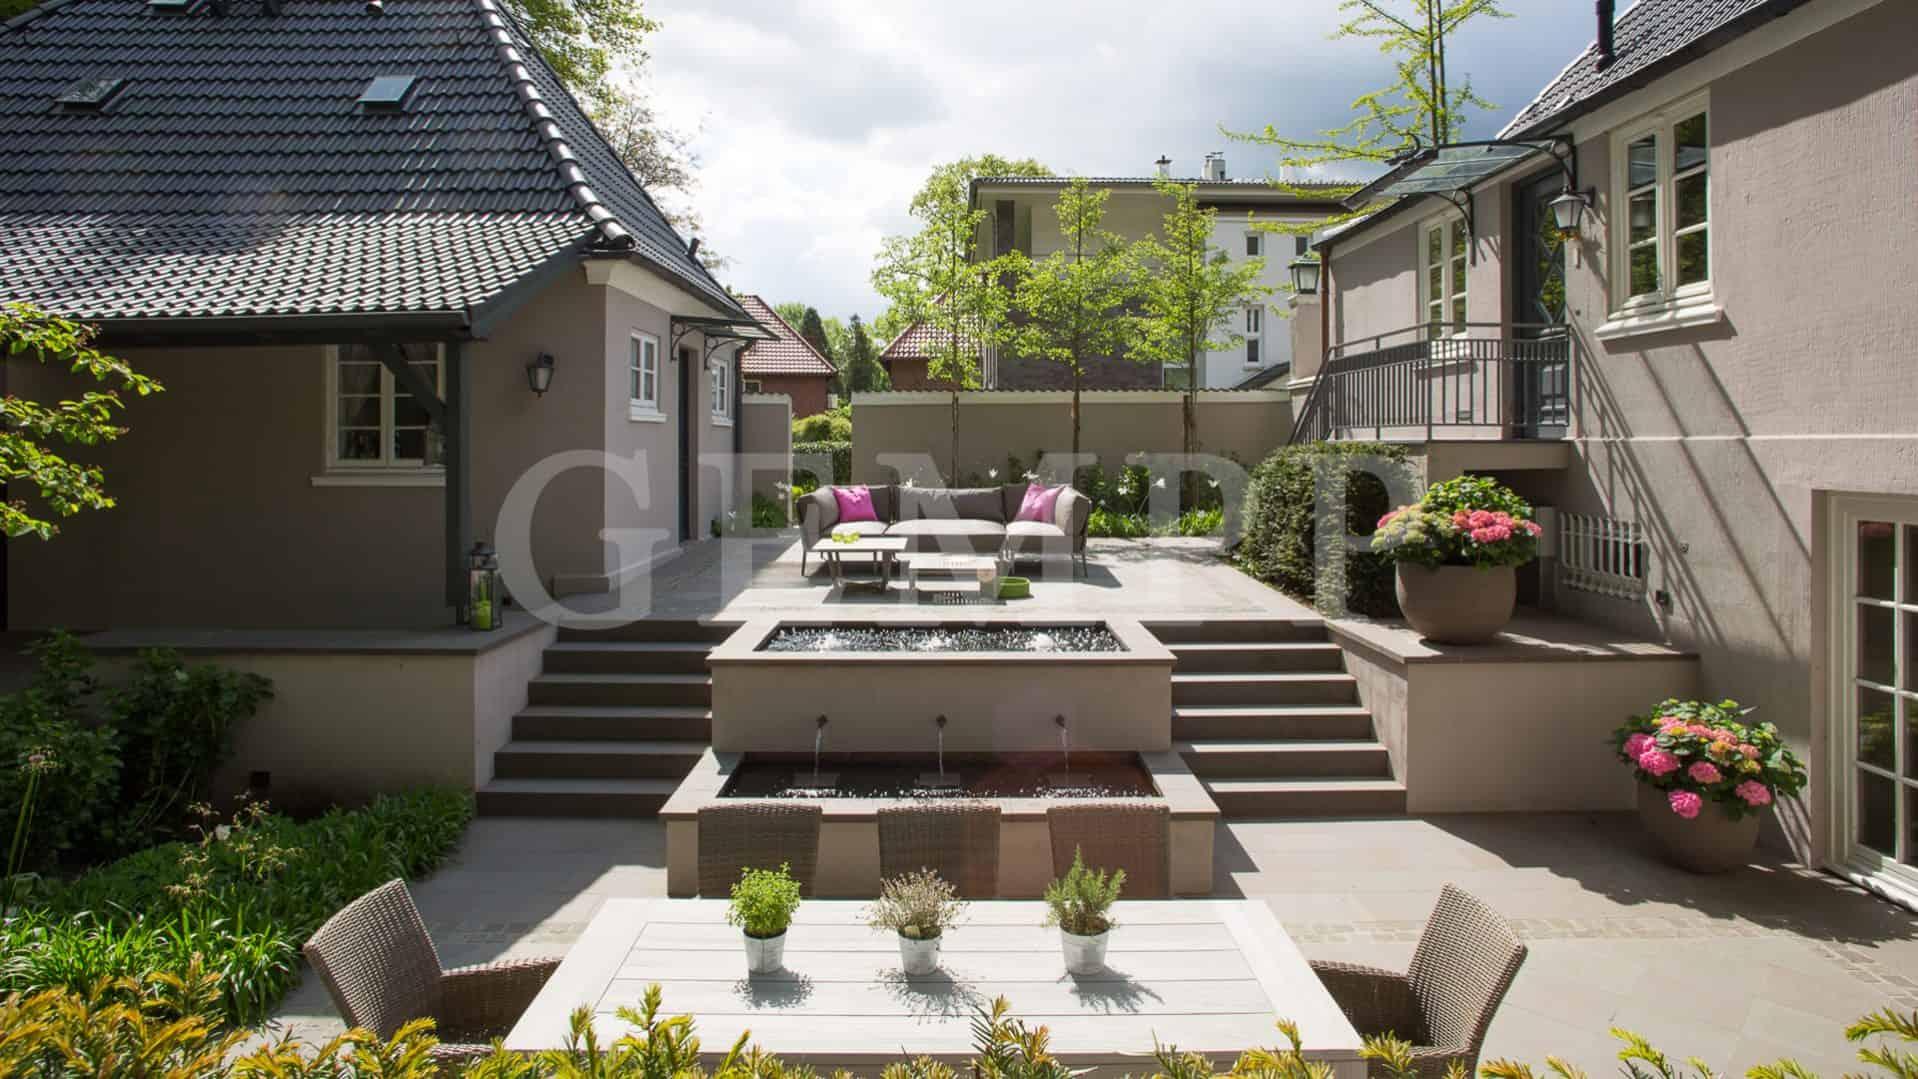 atriumgarten mit wasserspielen gartengestaltung. Black Bedroom Furniture Sets. Home Design Ideas